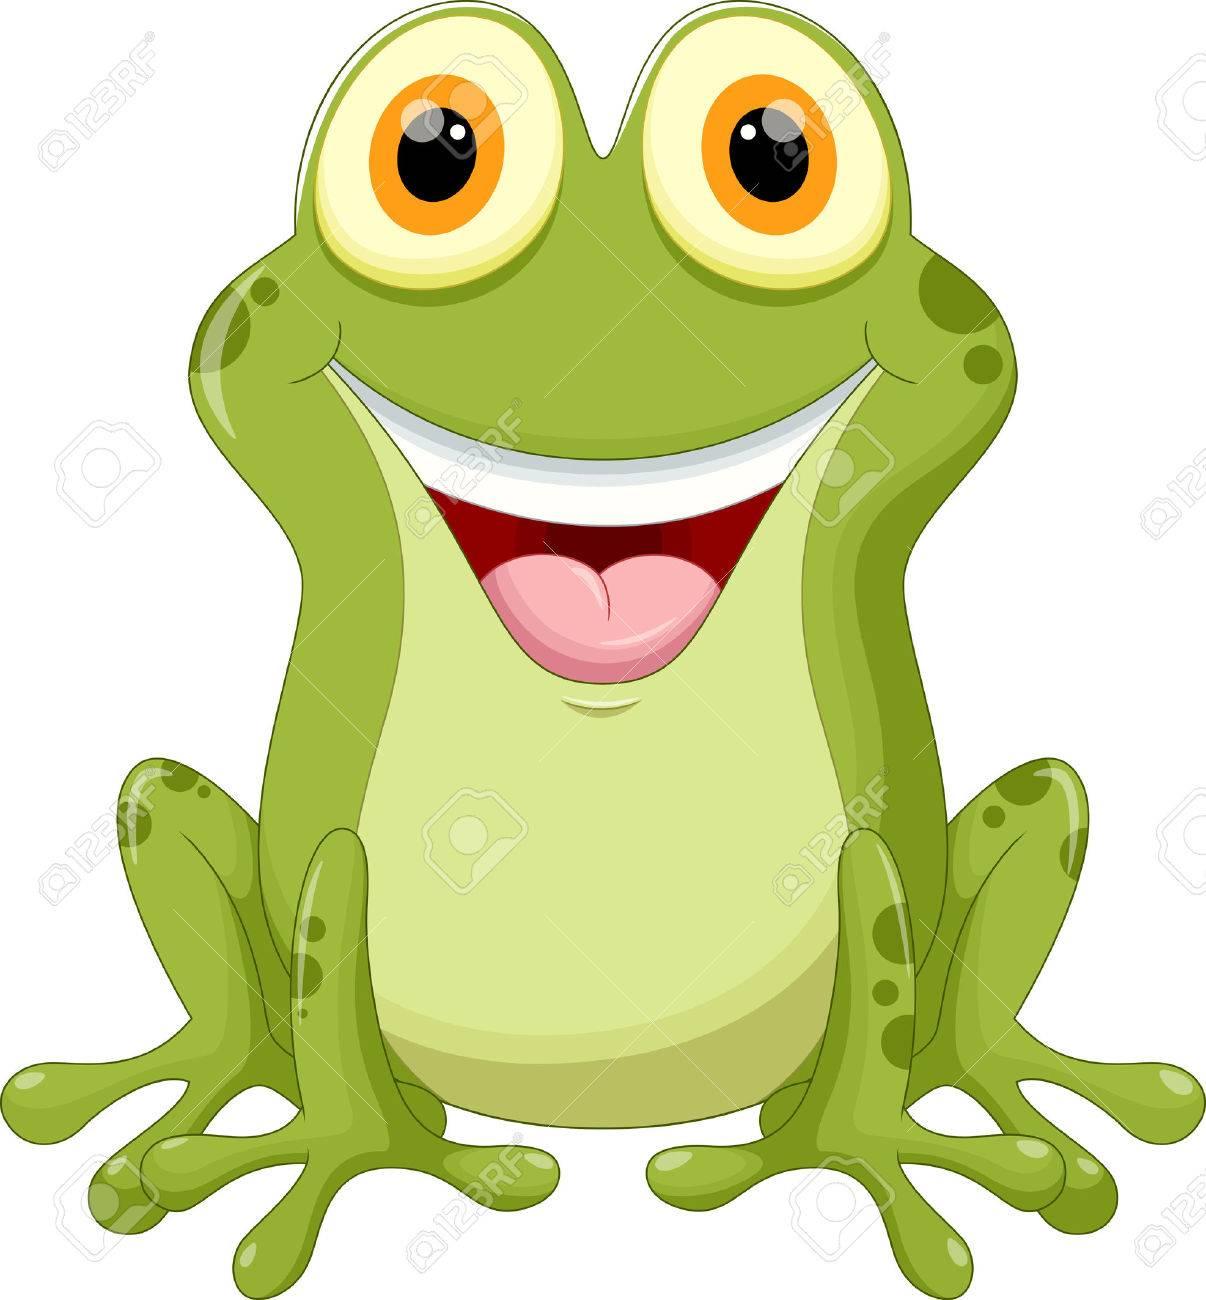 Cute frog cartoon - 44627361